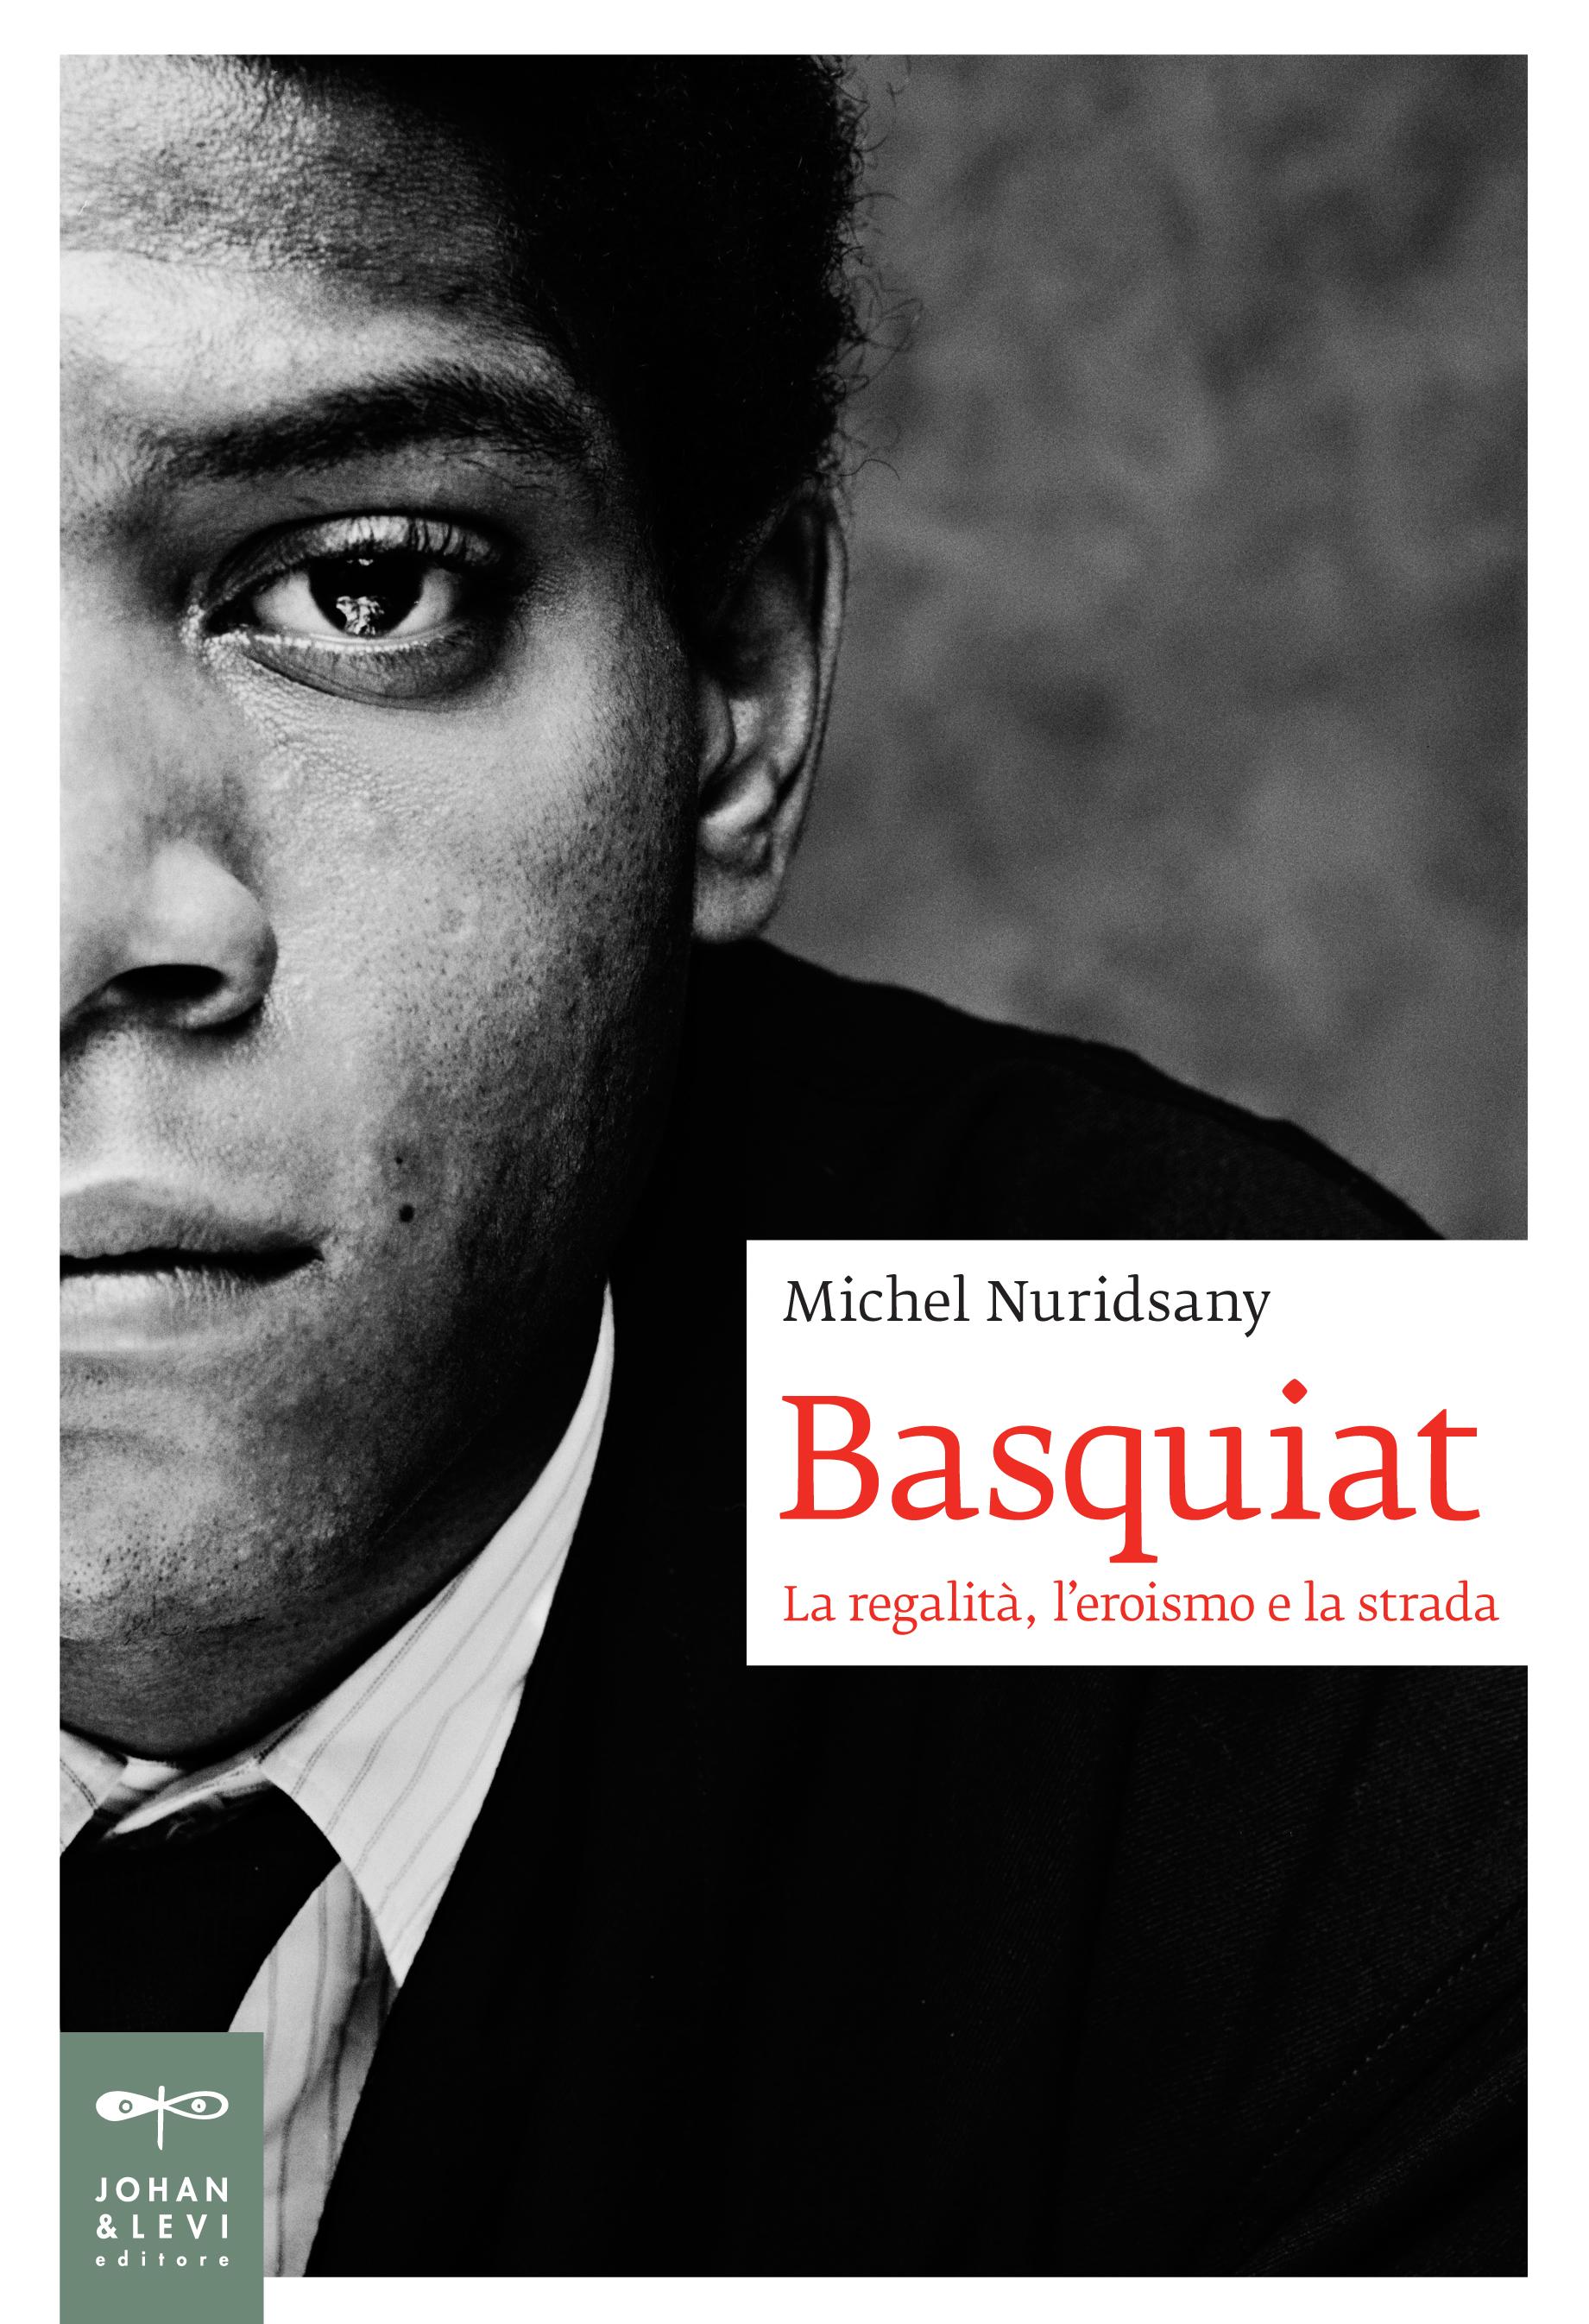 Cover del volume Basquiat. La regalità, l'eroismo e la strada, di Michel Nuridsany, Johan & Levi editore, 2016